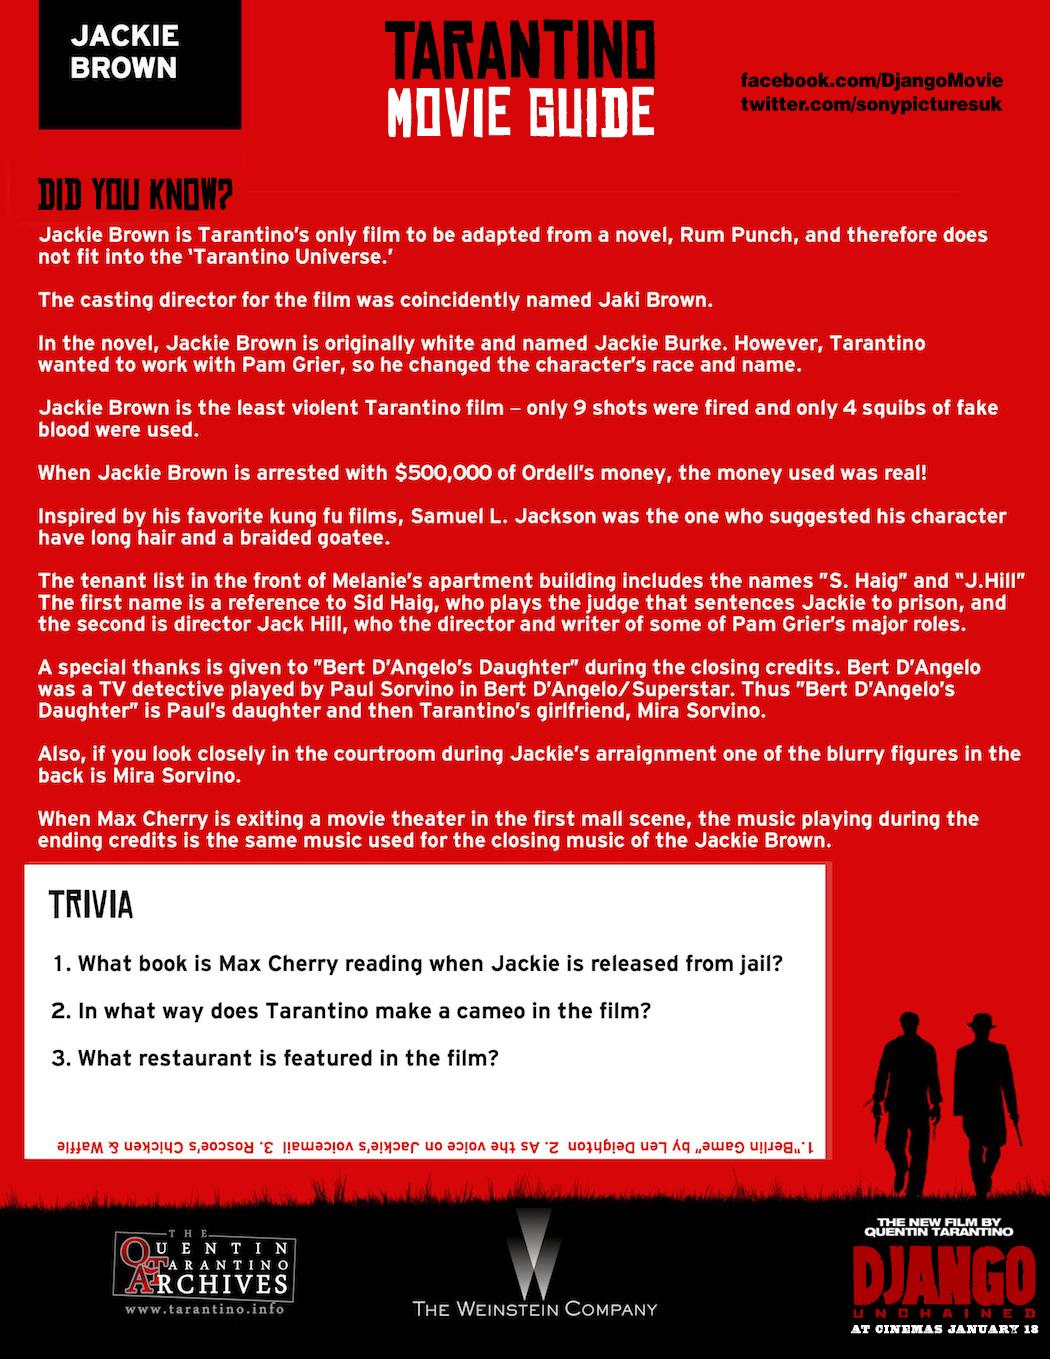 Tarantino Movie Guide – Jackie Brown